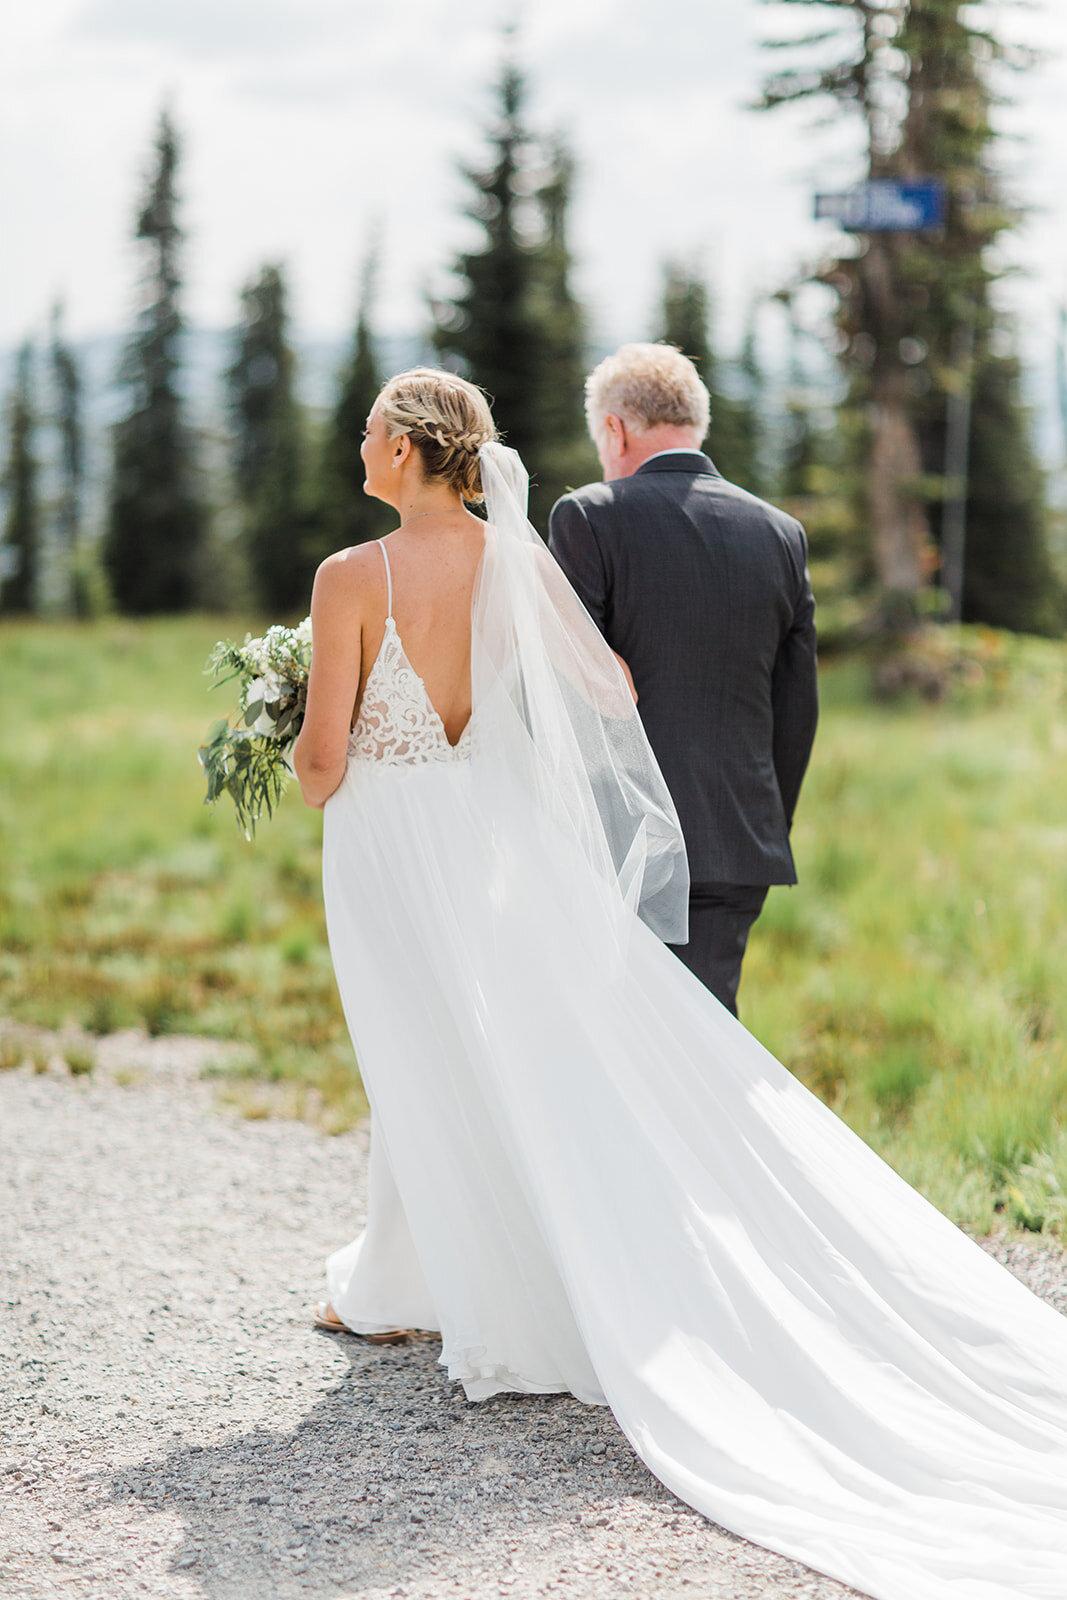 spokane bride and dad wedding aisle